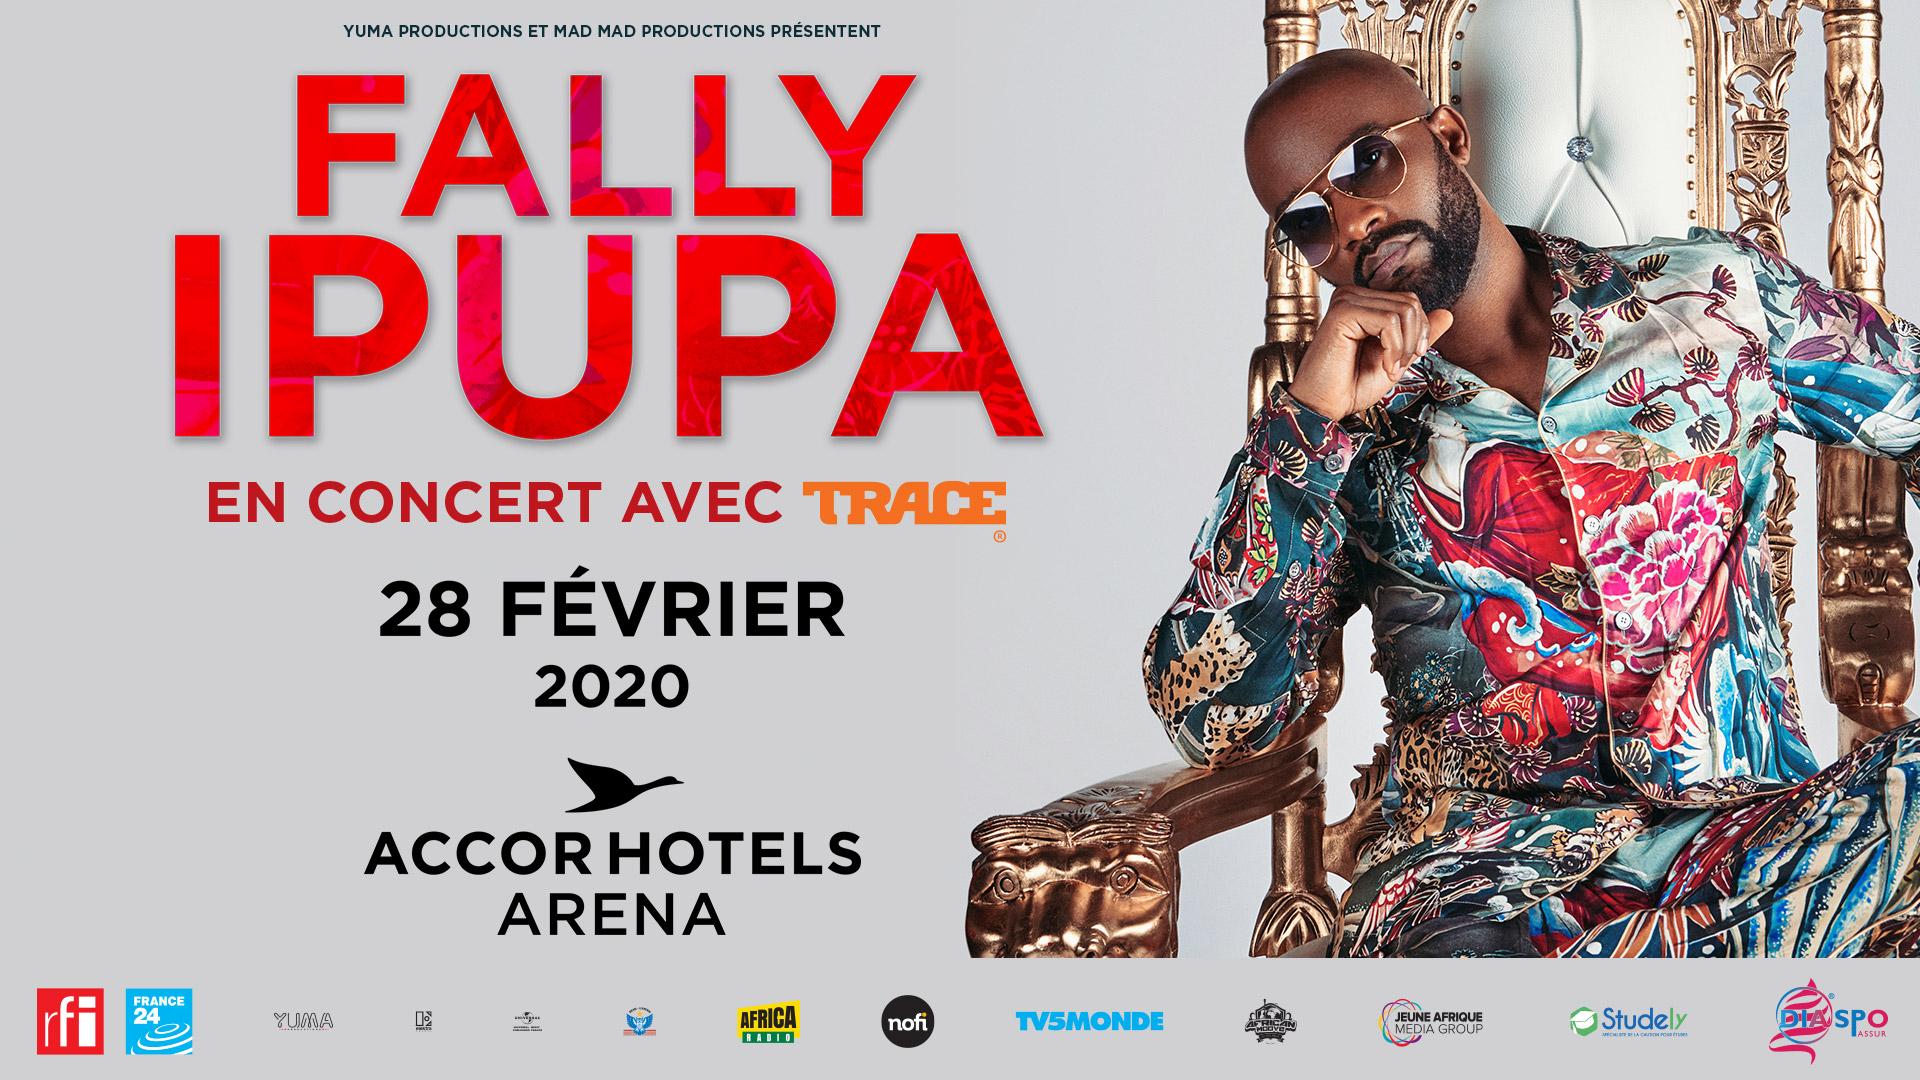 [TERMINE]Jeu-Concours- Concert de Fally Ipupa le 28 février à Paris!!